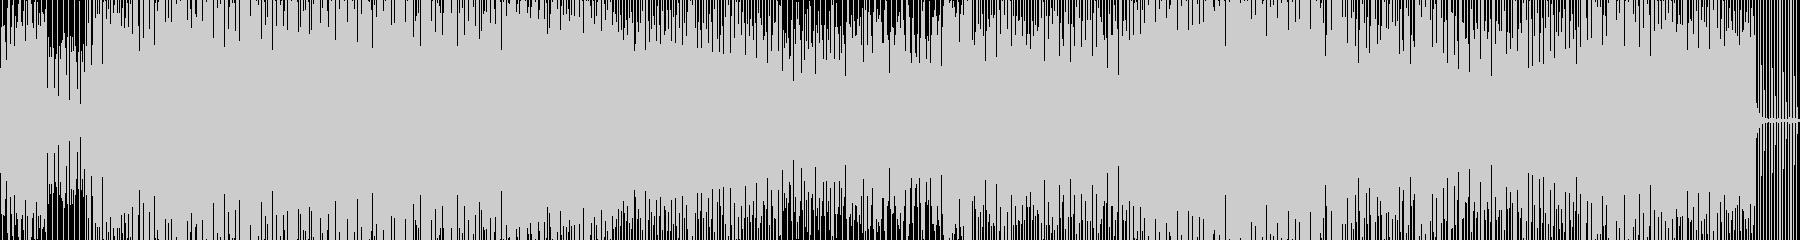 ダウンビートの未再生の波形